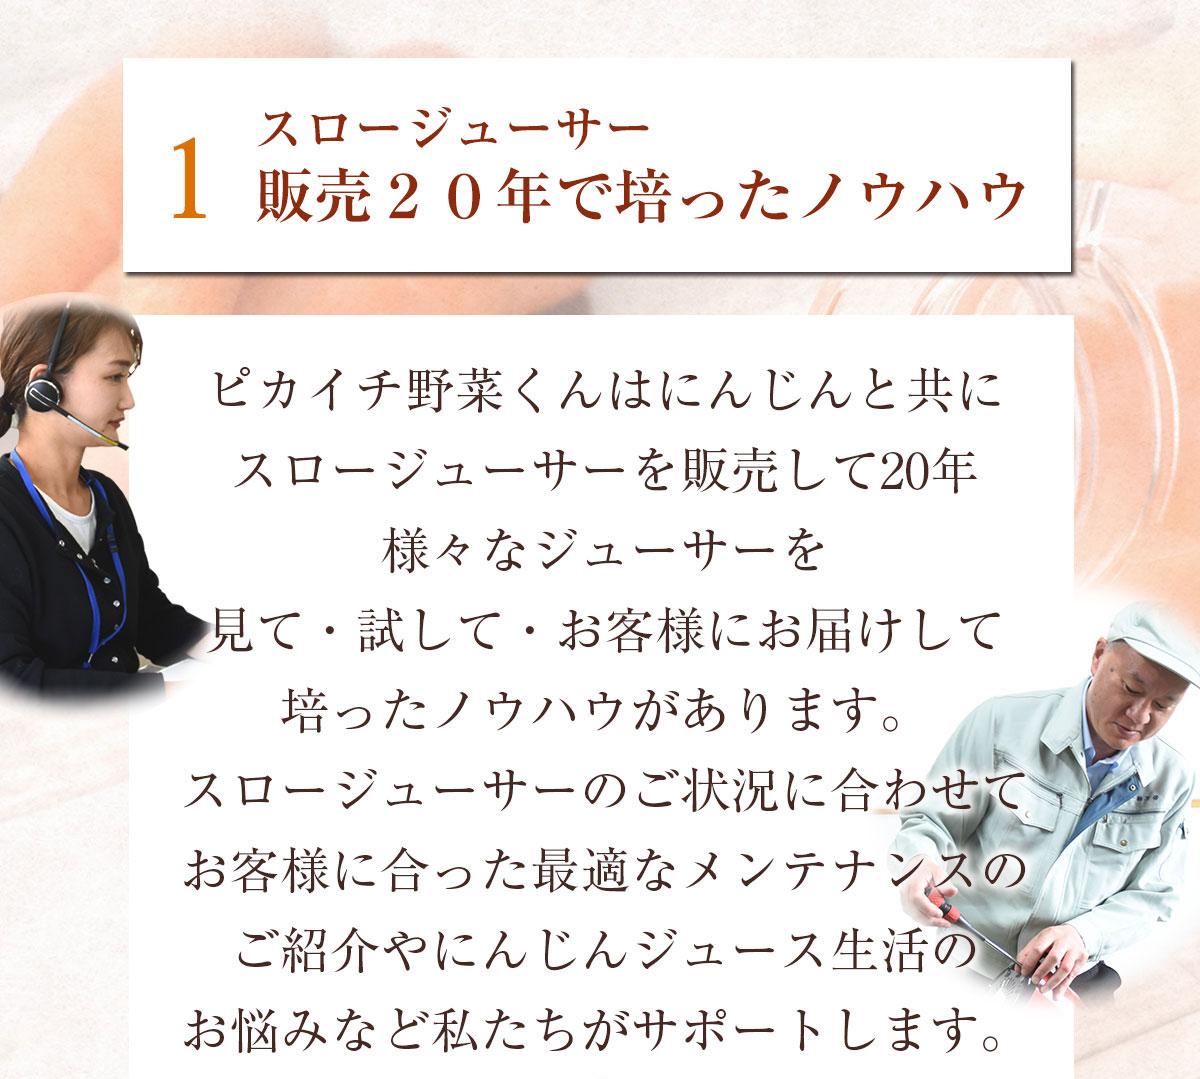 スロージューサー専用メンテナンスチケット【選べる3コース(シルバー、ゴールド、プラチナ)】